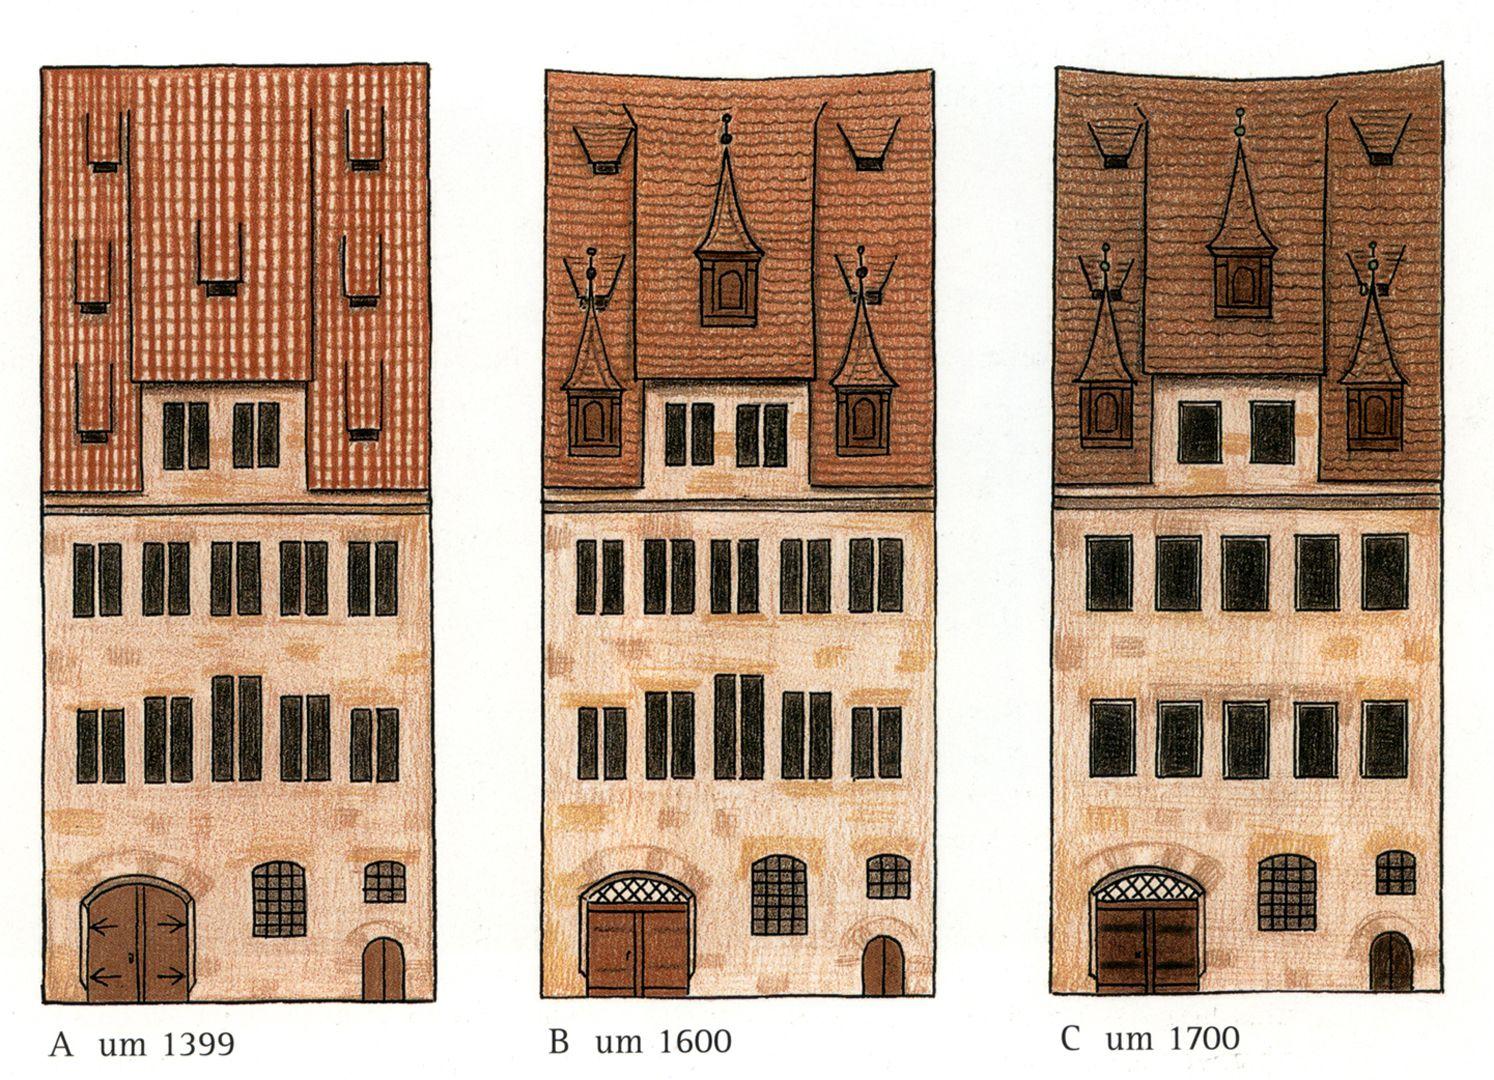 Haus Obere Krämersgasse 12 (Privatbesitz, nicht zu besichtigen) Zustand der Fassade im Laufe der Zeit